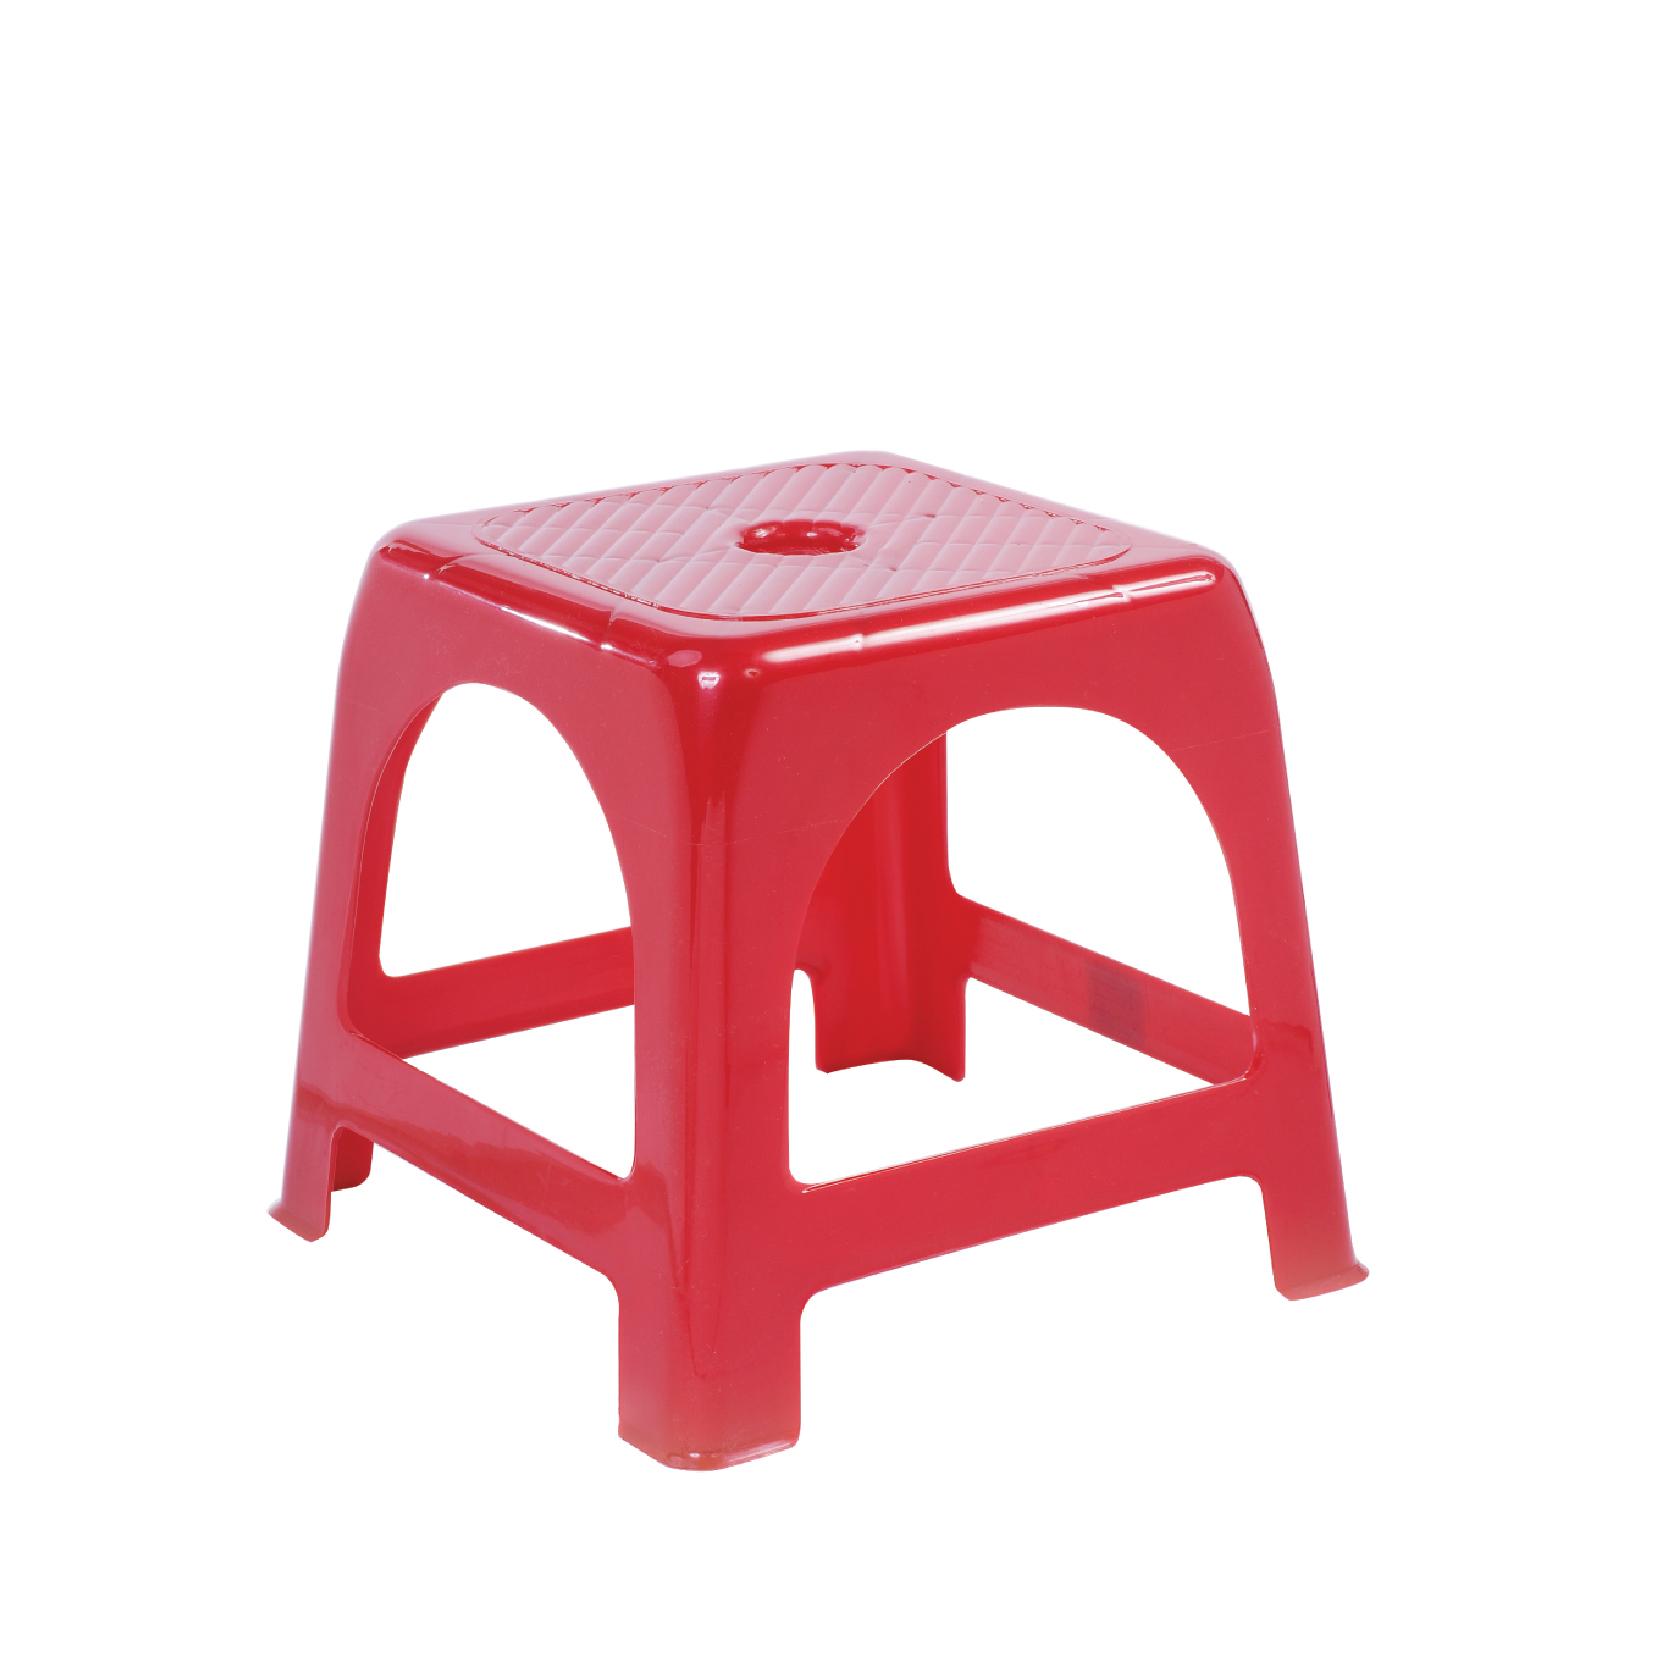 Ghế nhựa chữ A [Màu đỏ - Ghế lùn]